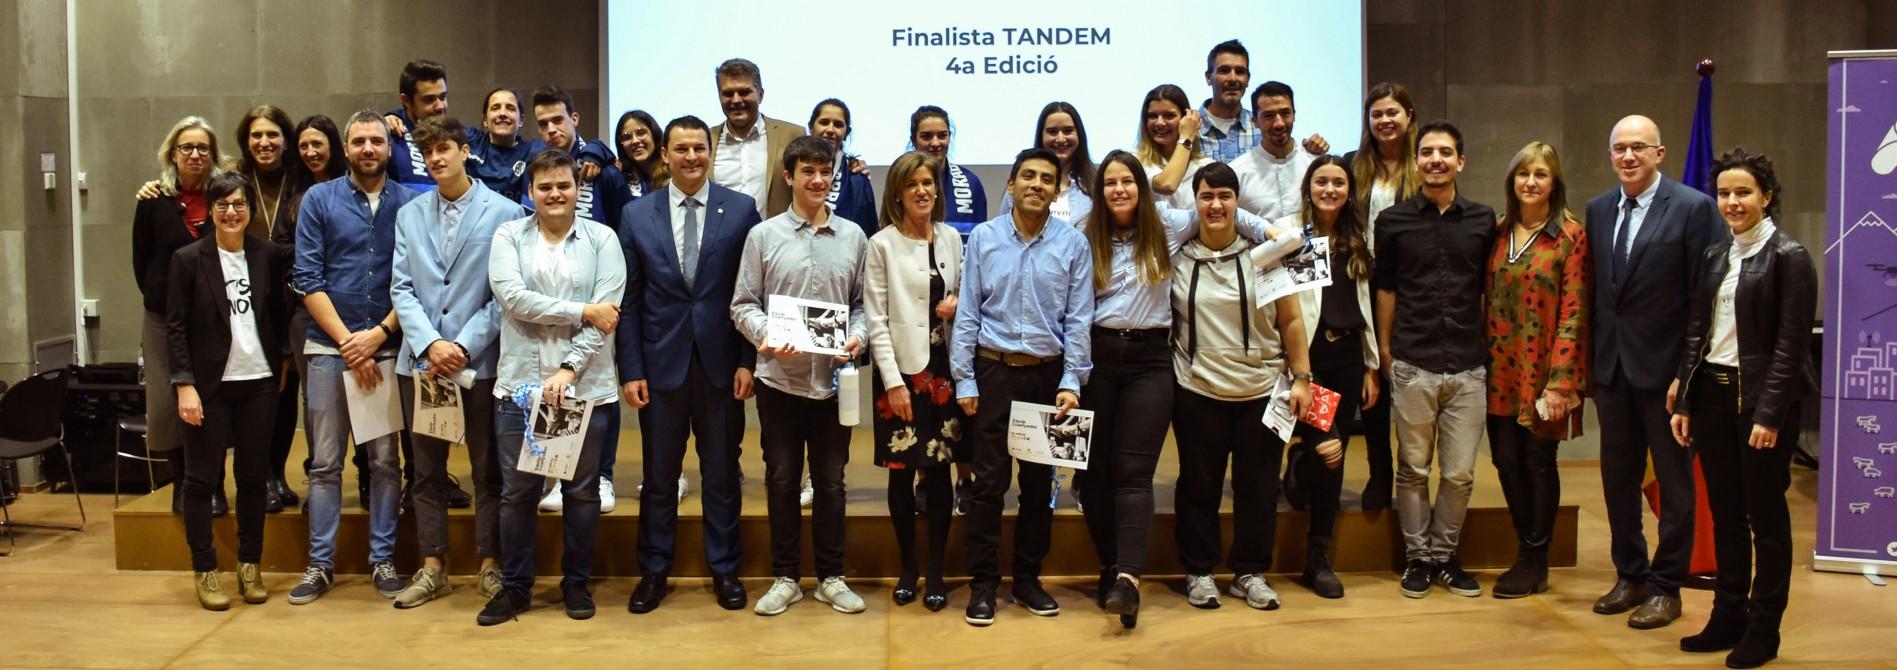 Una aplicació per fer donacions a Unicef guanya la quarta edició de Tàndem